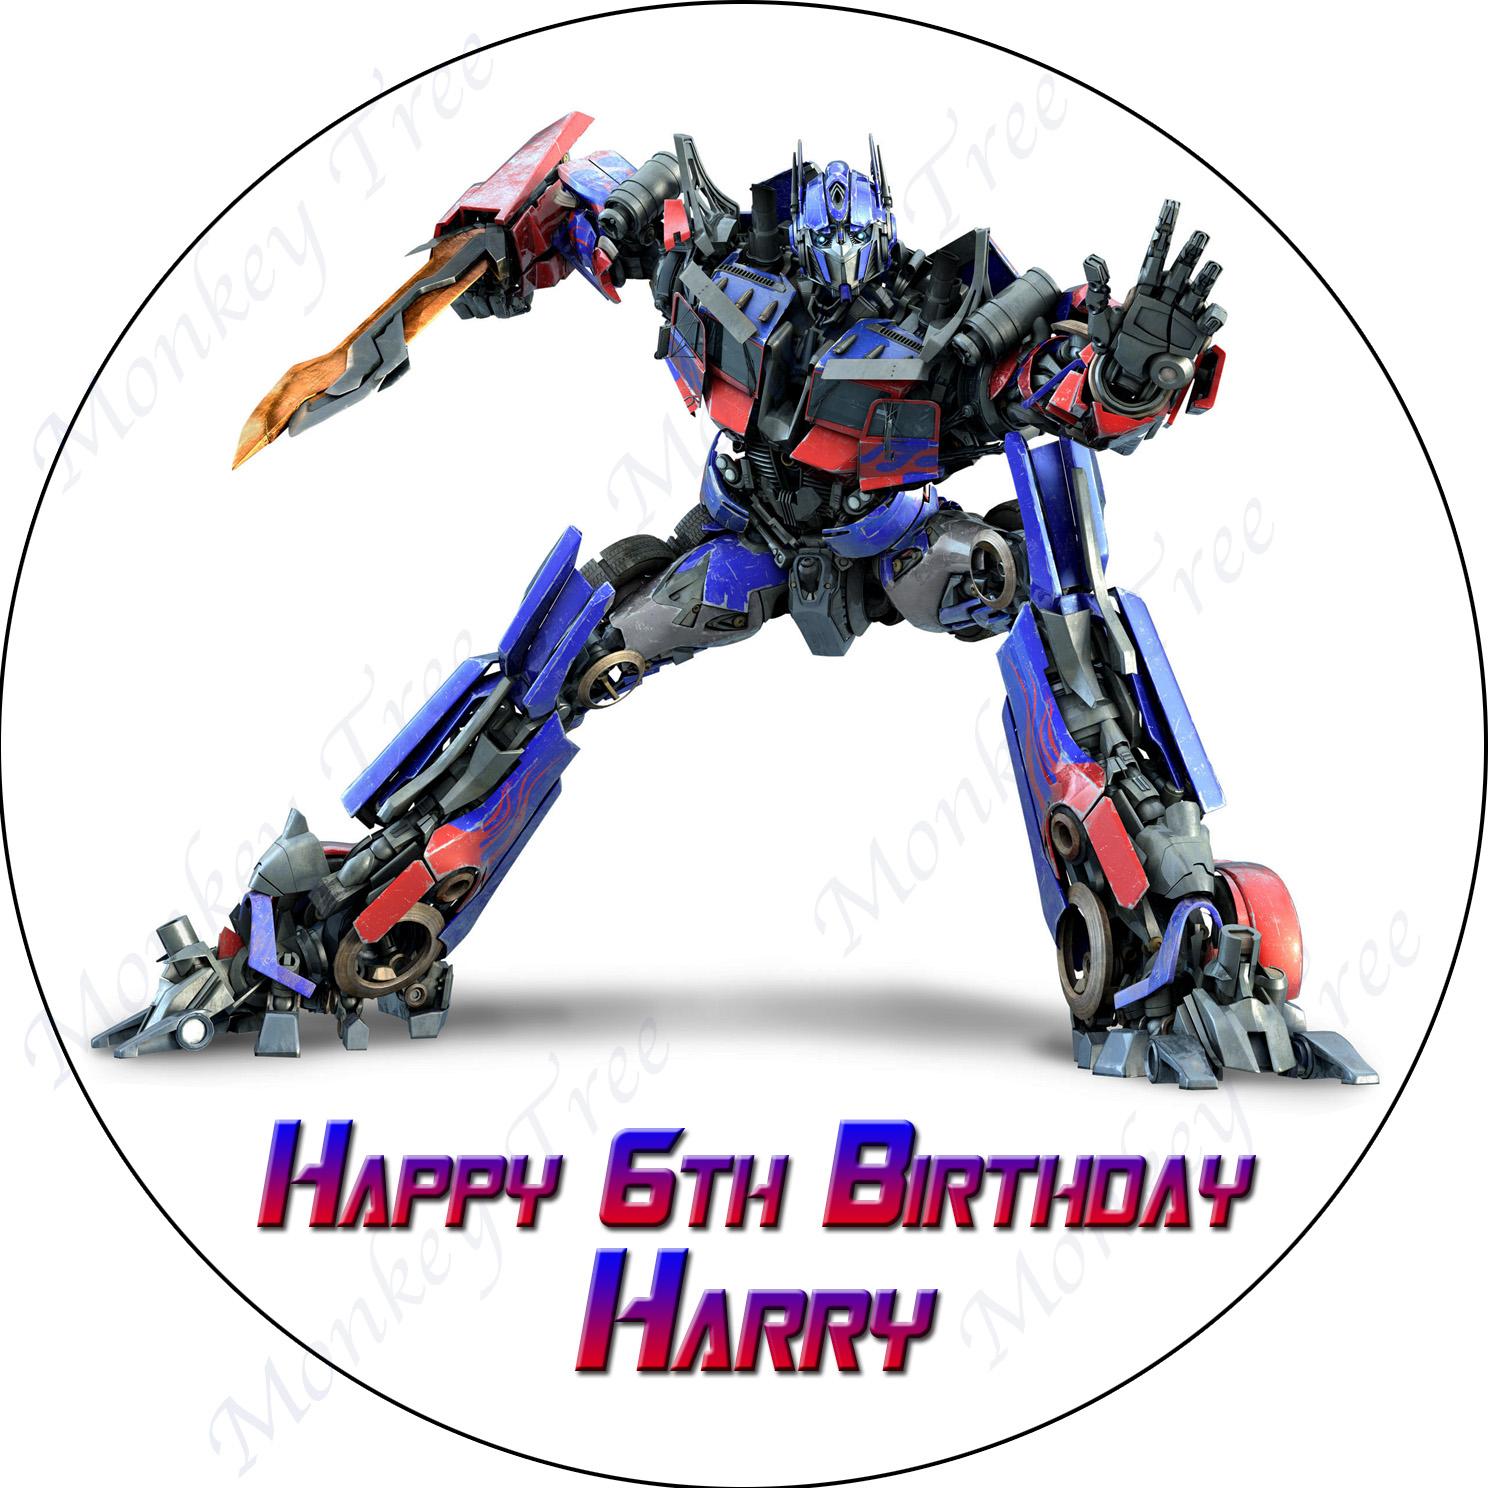 Transformers Optimus Prime Personalised Edible Cake Image